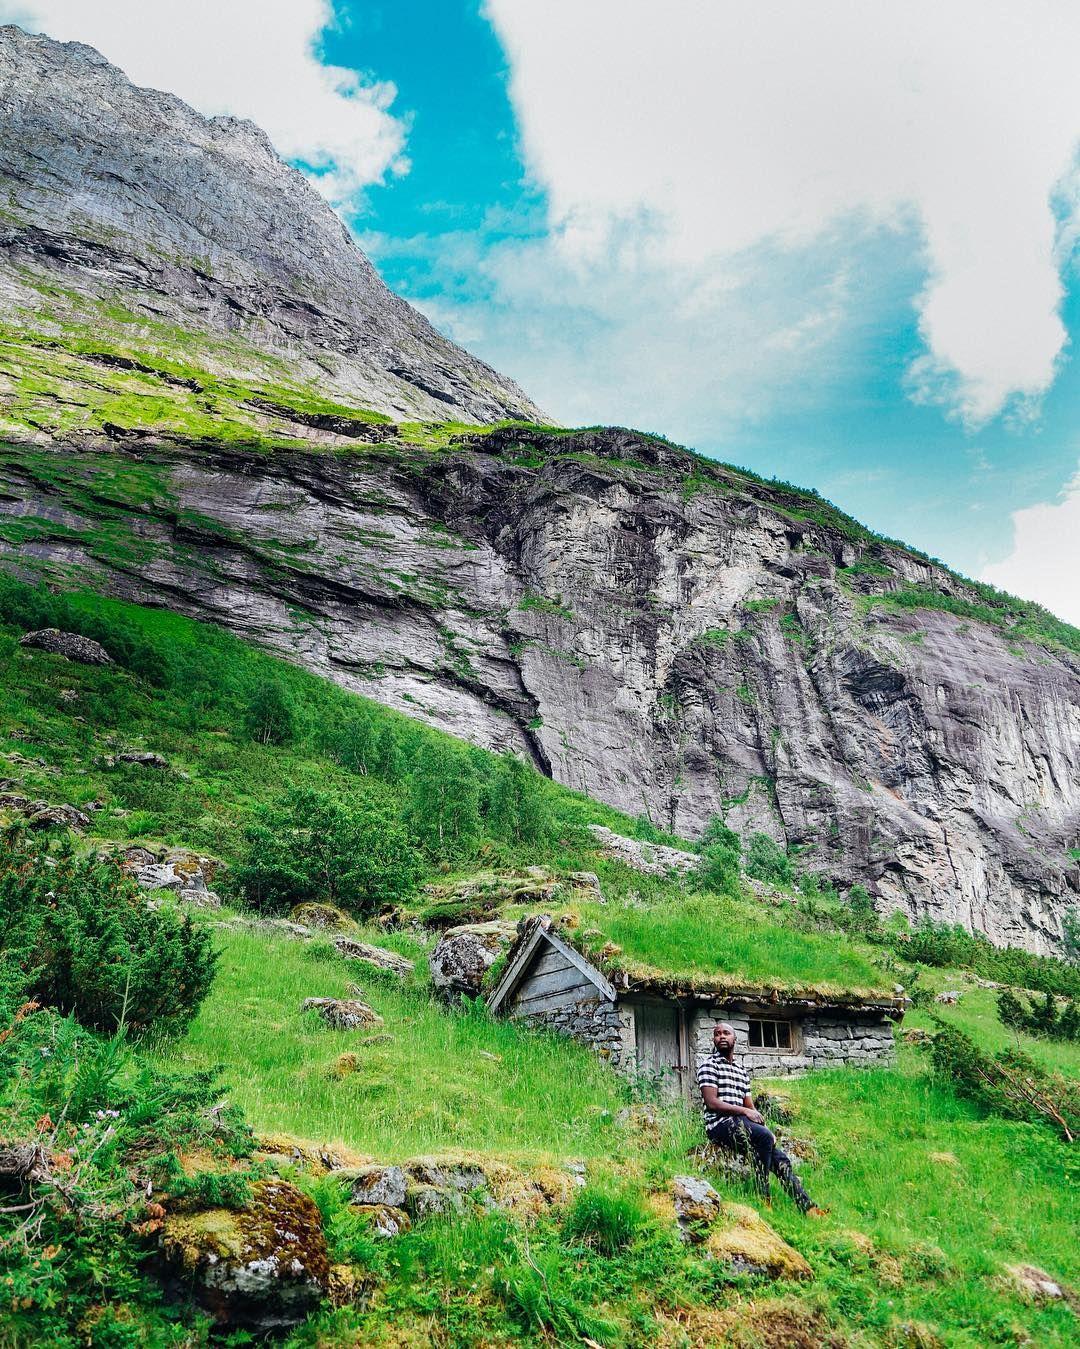 Village of Reine on Moskenesøya, Norway | Norway landscape